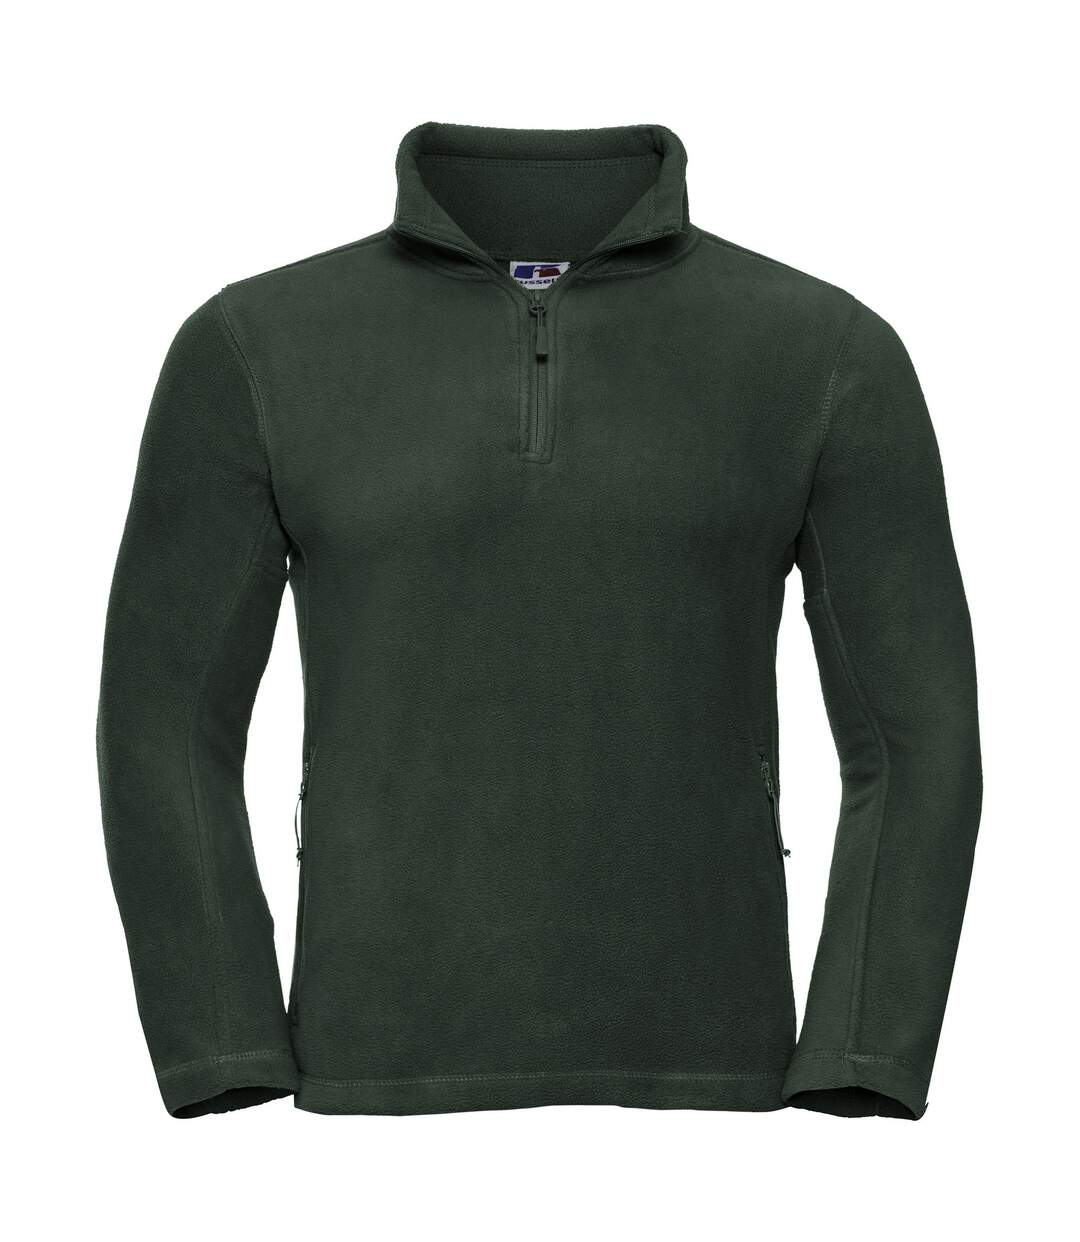 Russell Mens 1/4 Zip Outdoor Fleece Top (Bottle Green) - UTBC1438